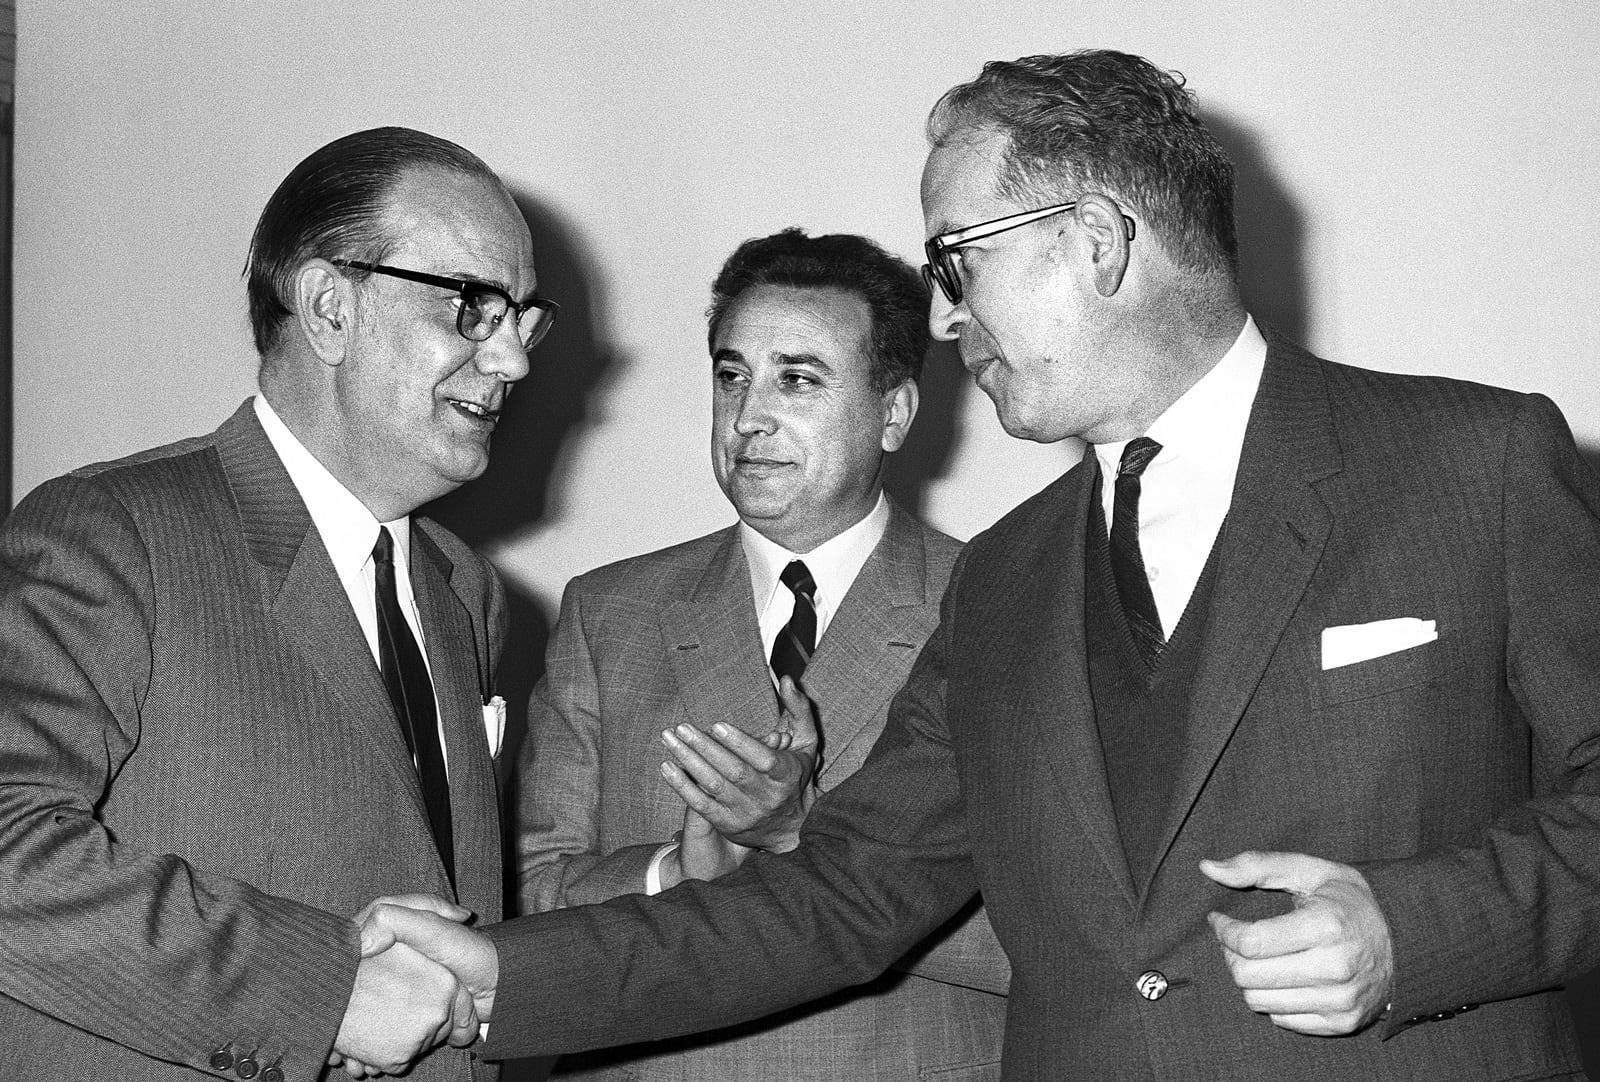 Camilo José Cela i Carlos Robles Piquer se saluden durant l'entrega d'una medalla a Alfaguara, el 1966. Fotografia de Millán. Efe.